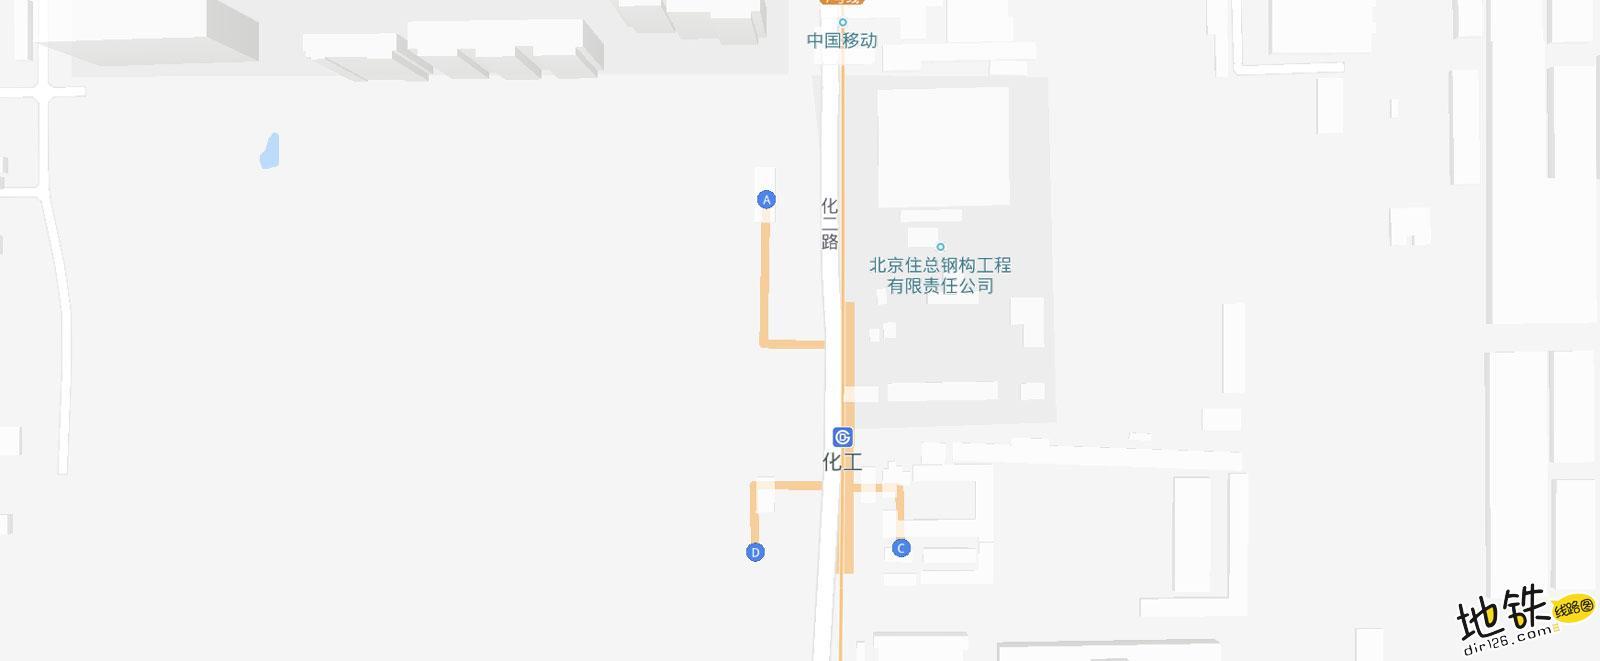 化工地铁站 北京地铁化工站出入口 地图信息查询  北京地铁站  第2张